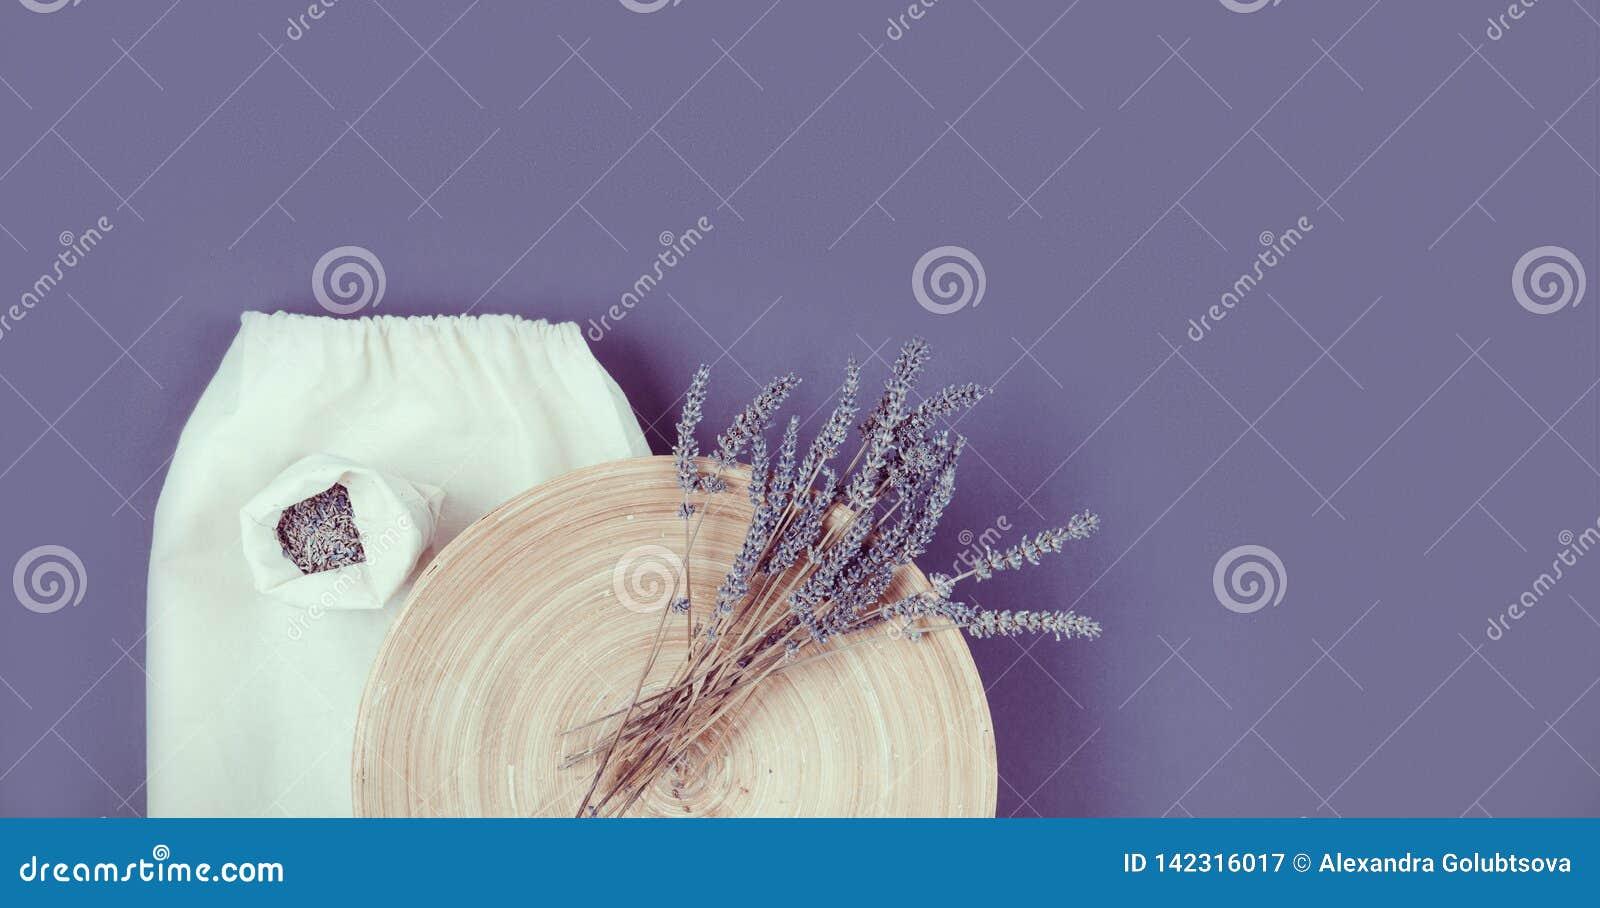 Lavanderbloem op een plaat en een linean zak